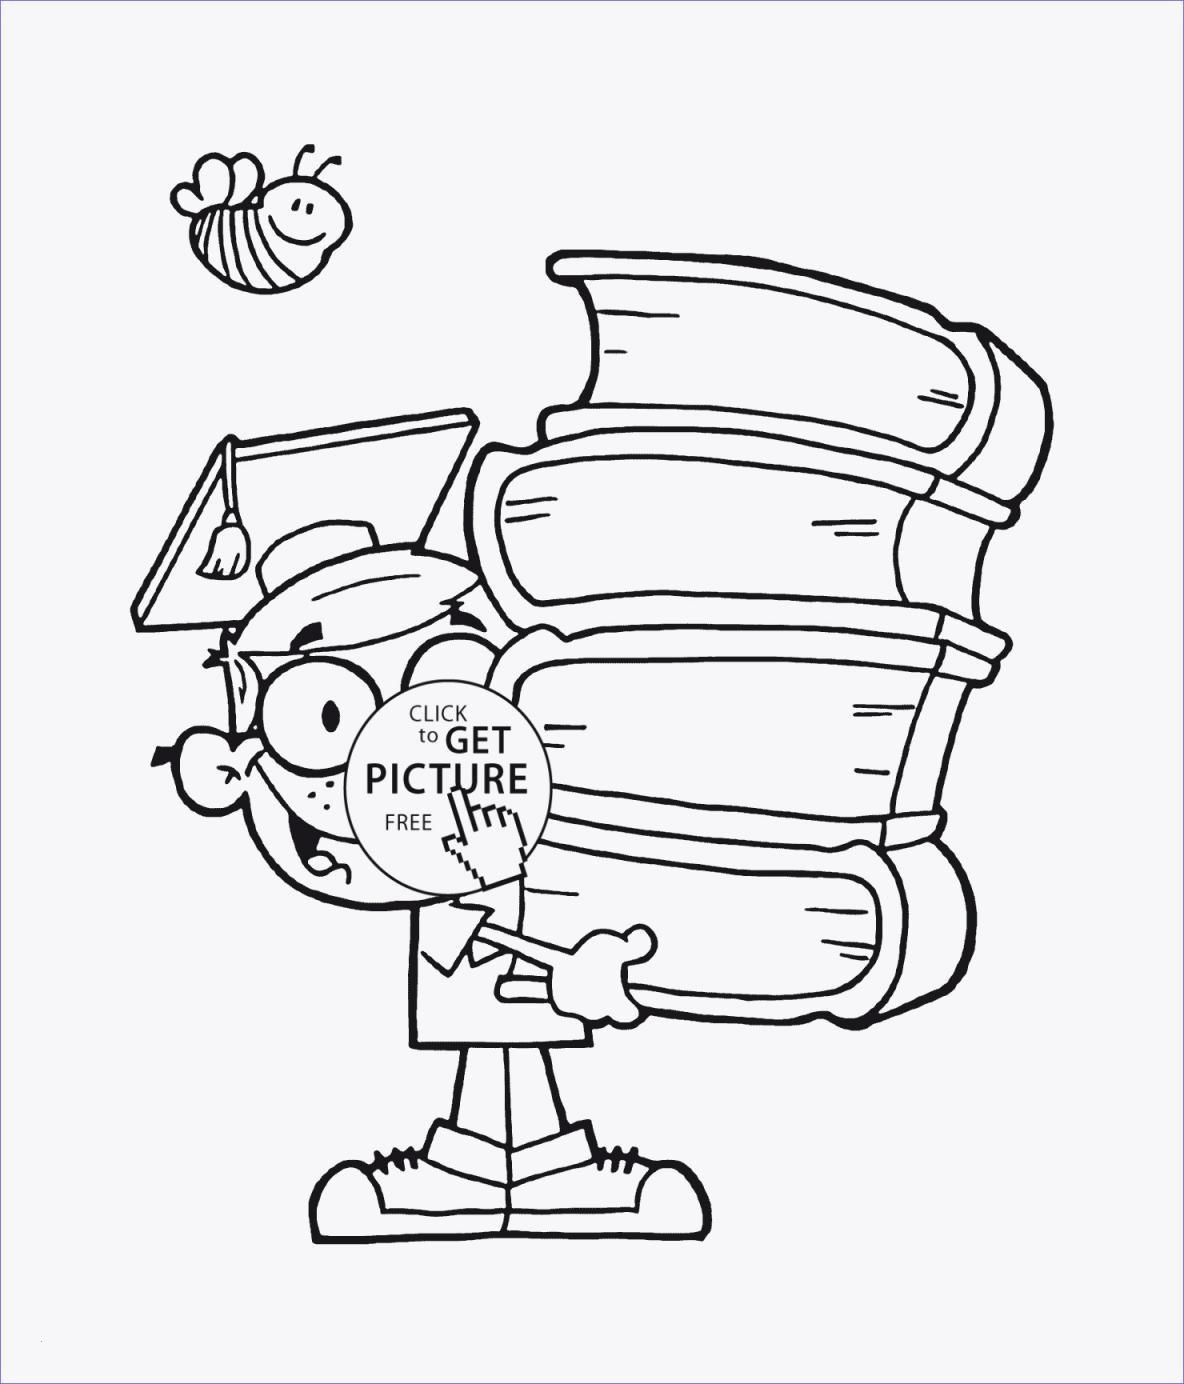 Pokemon Ausmalbilder Kostenlos Das Beste Von Malvorlagen Igel Frisch Igel Grundschule 0d Archives Uploadertalk Bild